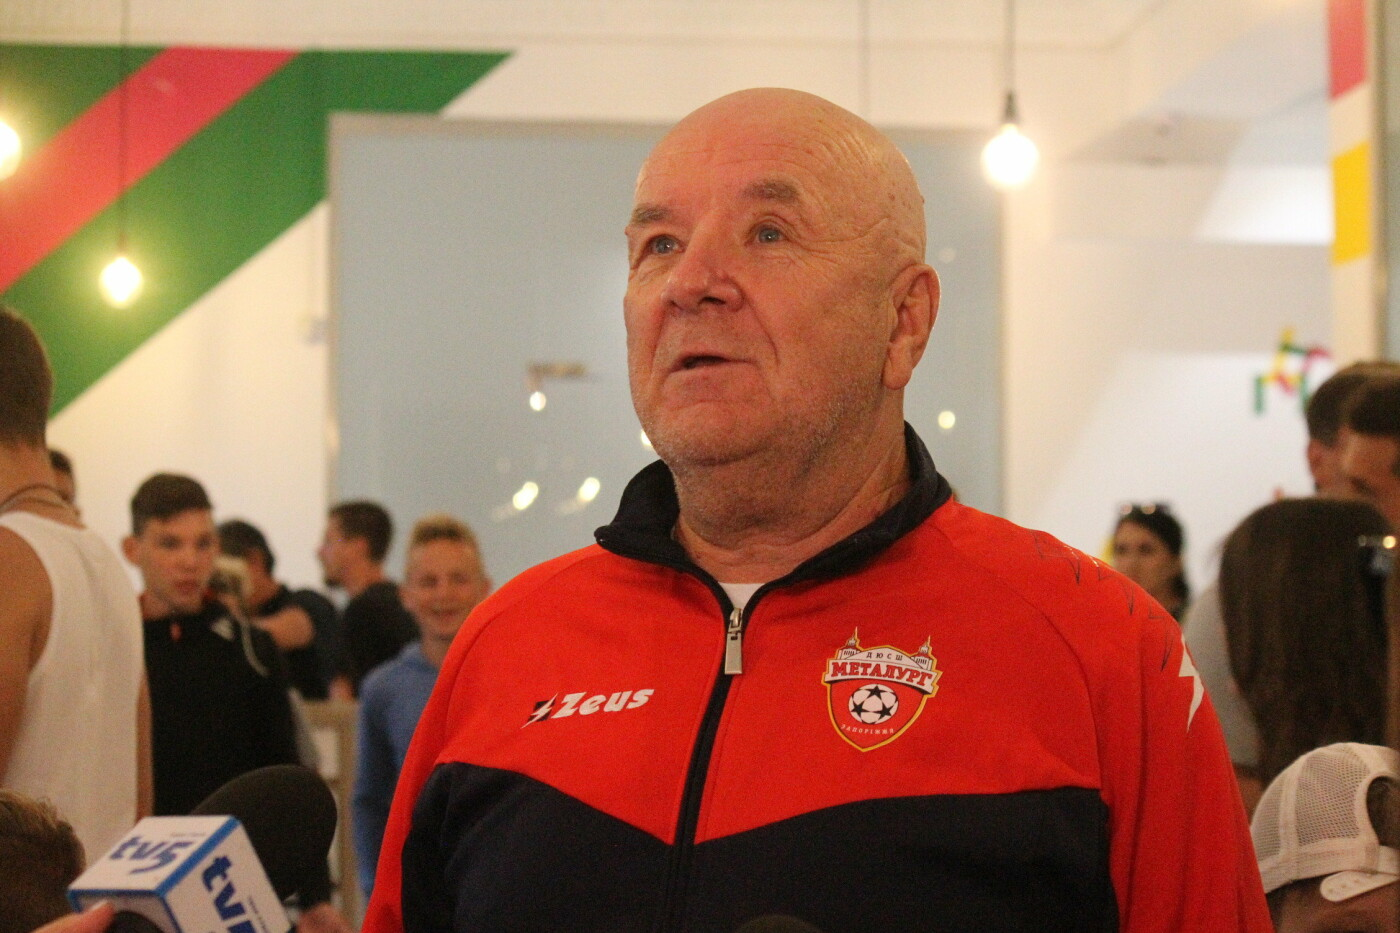 В туристическом центре прошла встреча с чемпионом мира по футболу, – ФОТО, фото-5